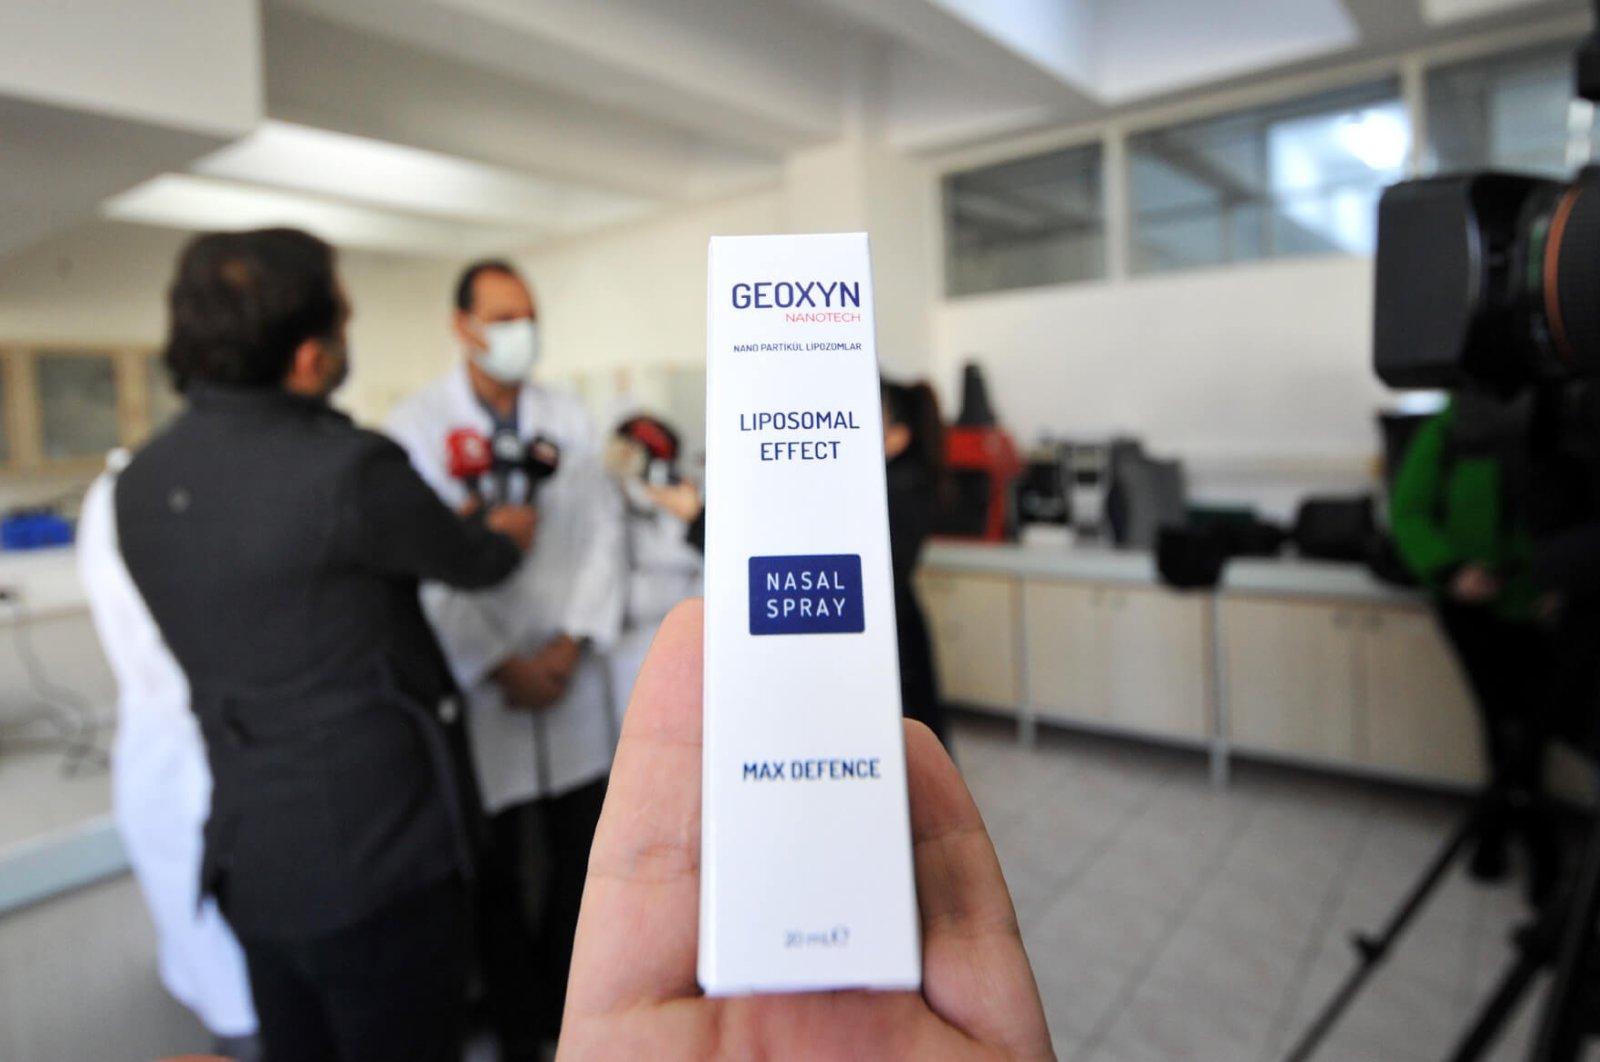 Турски учени създадоха спрей за нос, който убива коронавируса за минута